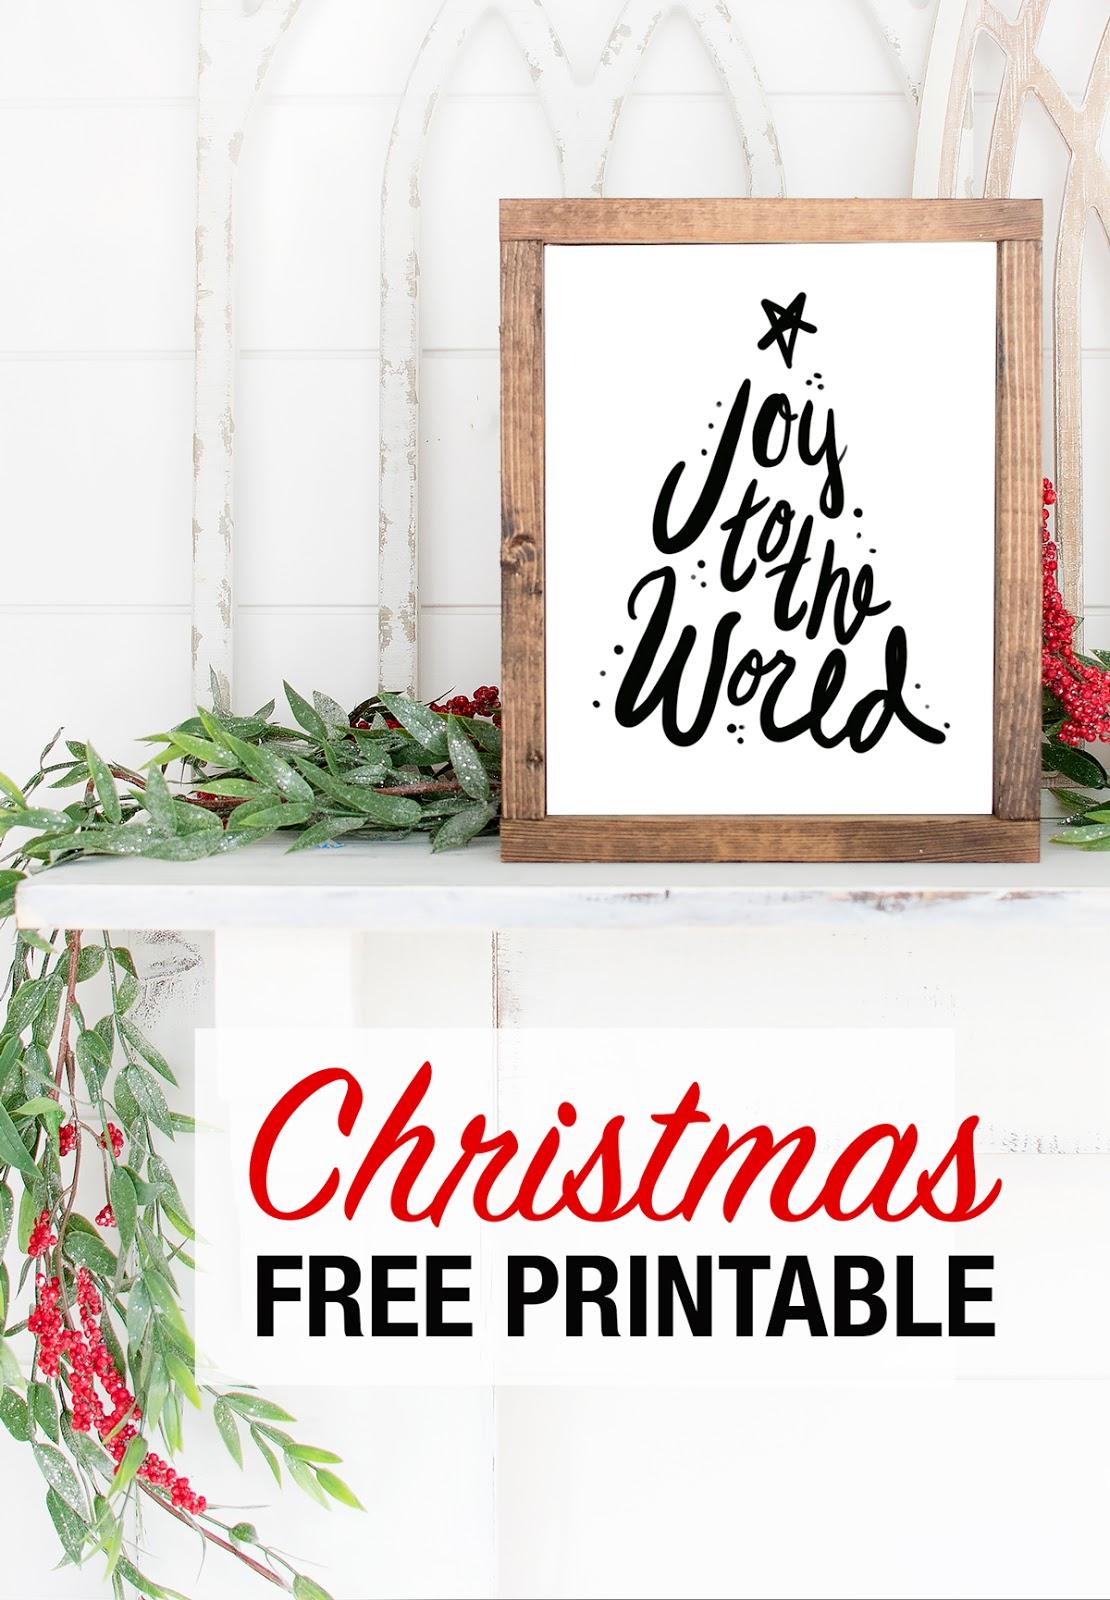 Joy to the world free printable